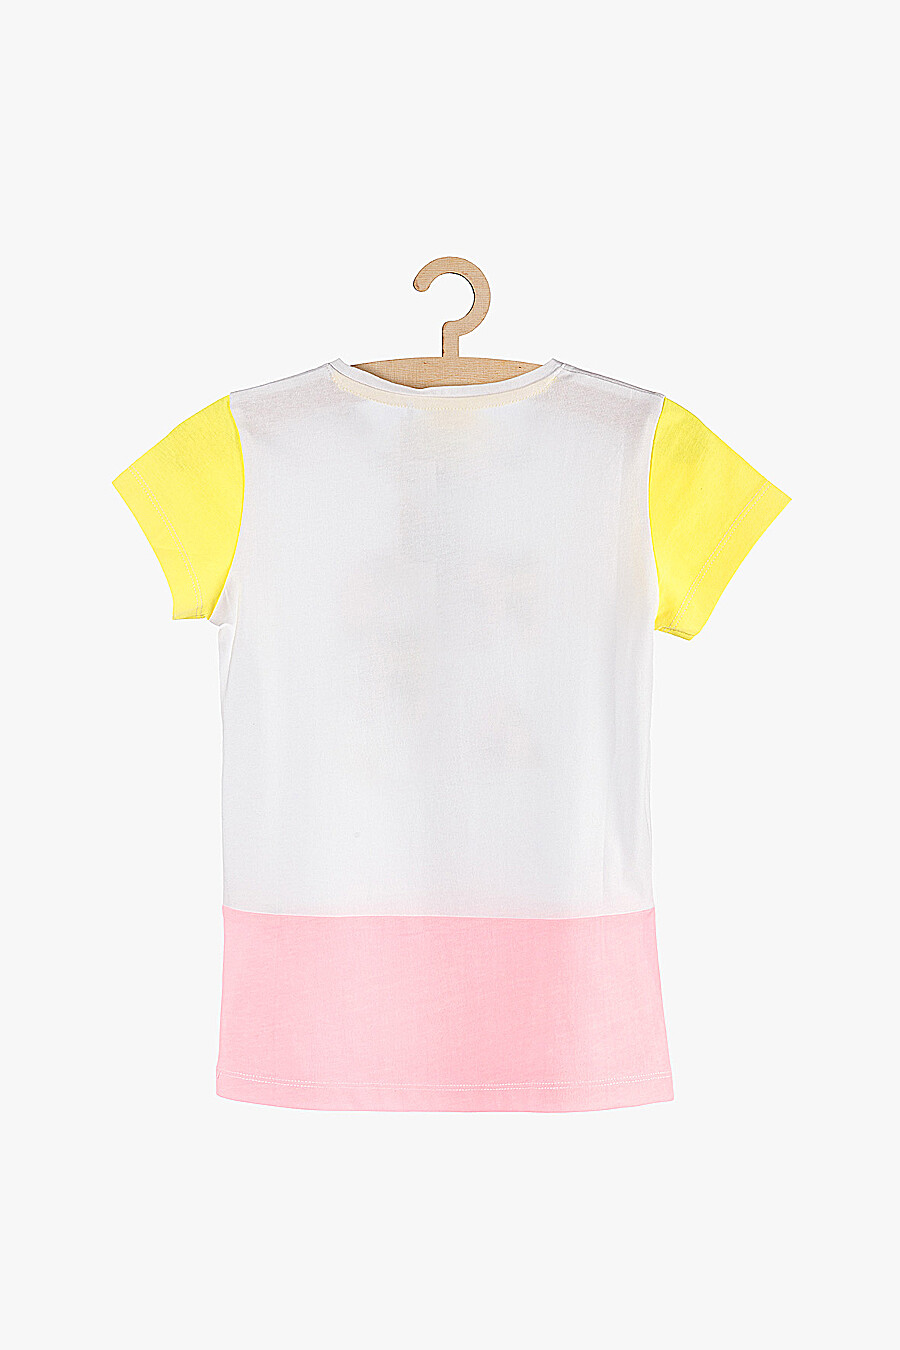 Футболка для девочек 5.10.15 218394 купить оптом от производителя. Совместная покупка детской одежды в OptMoyo